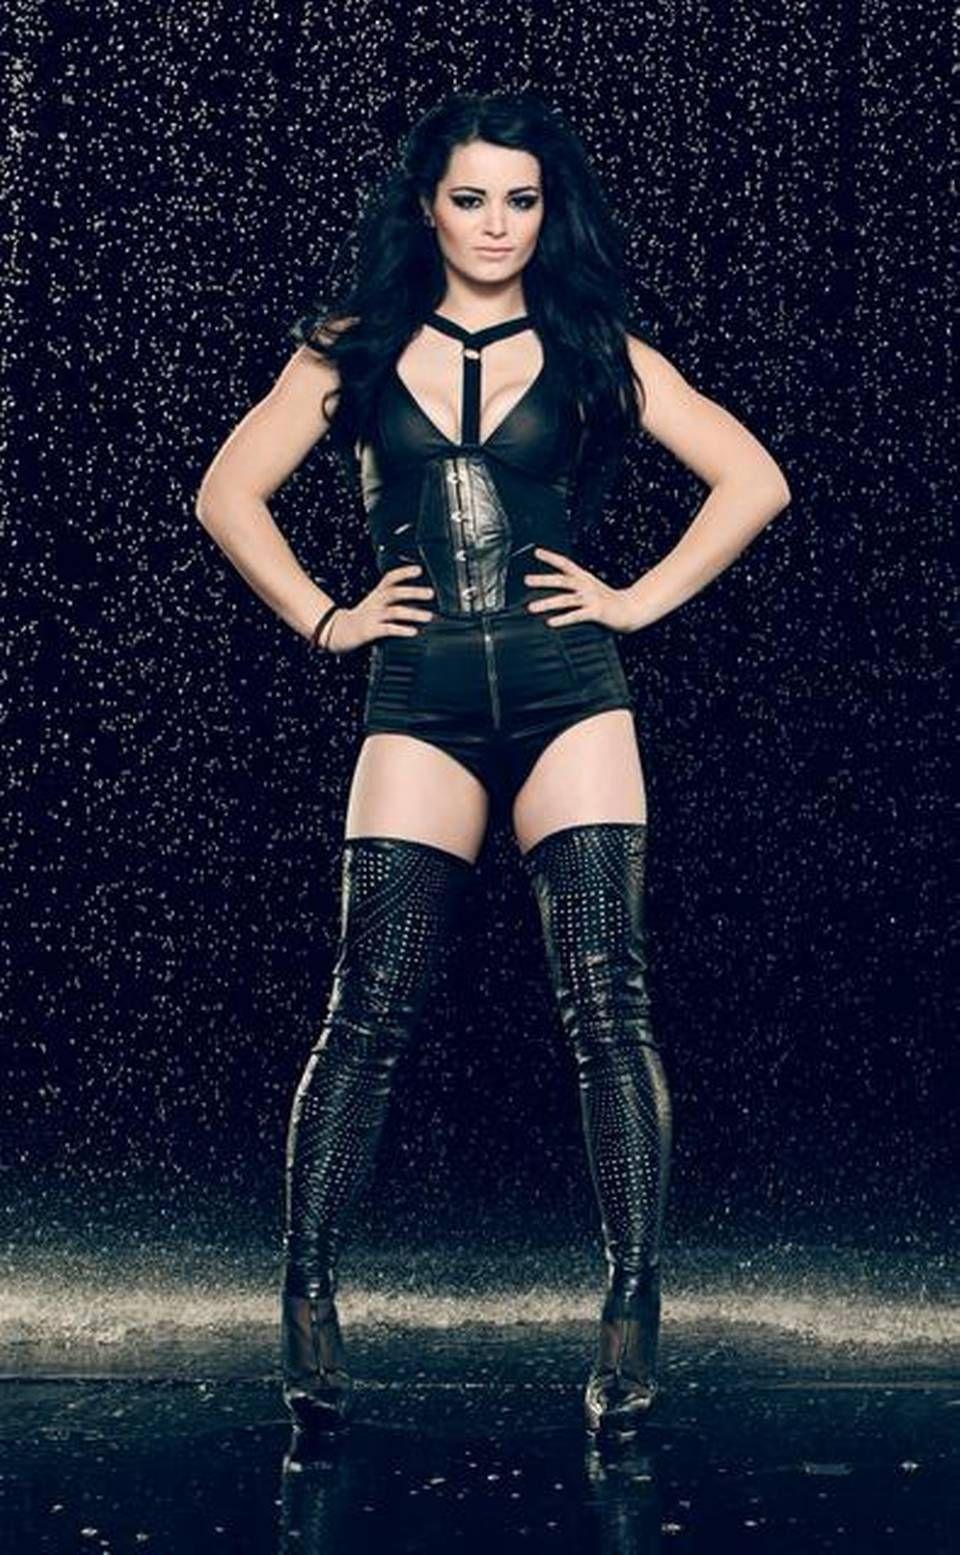 Saraya-Jade Bevis Facebook  Wwe Diva Paige Saraya-Jade -7061